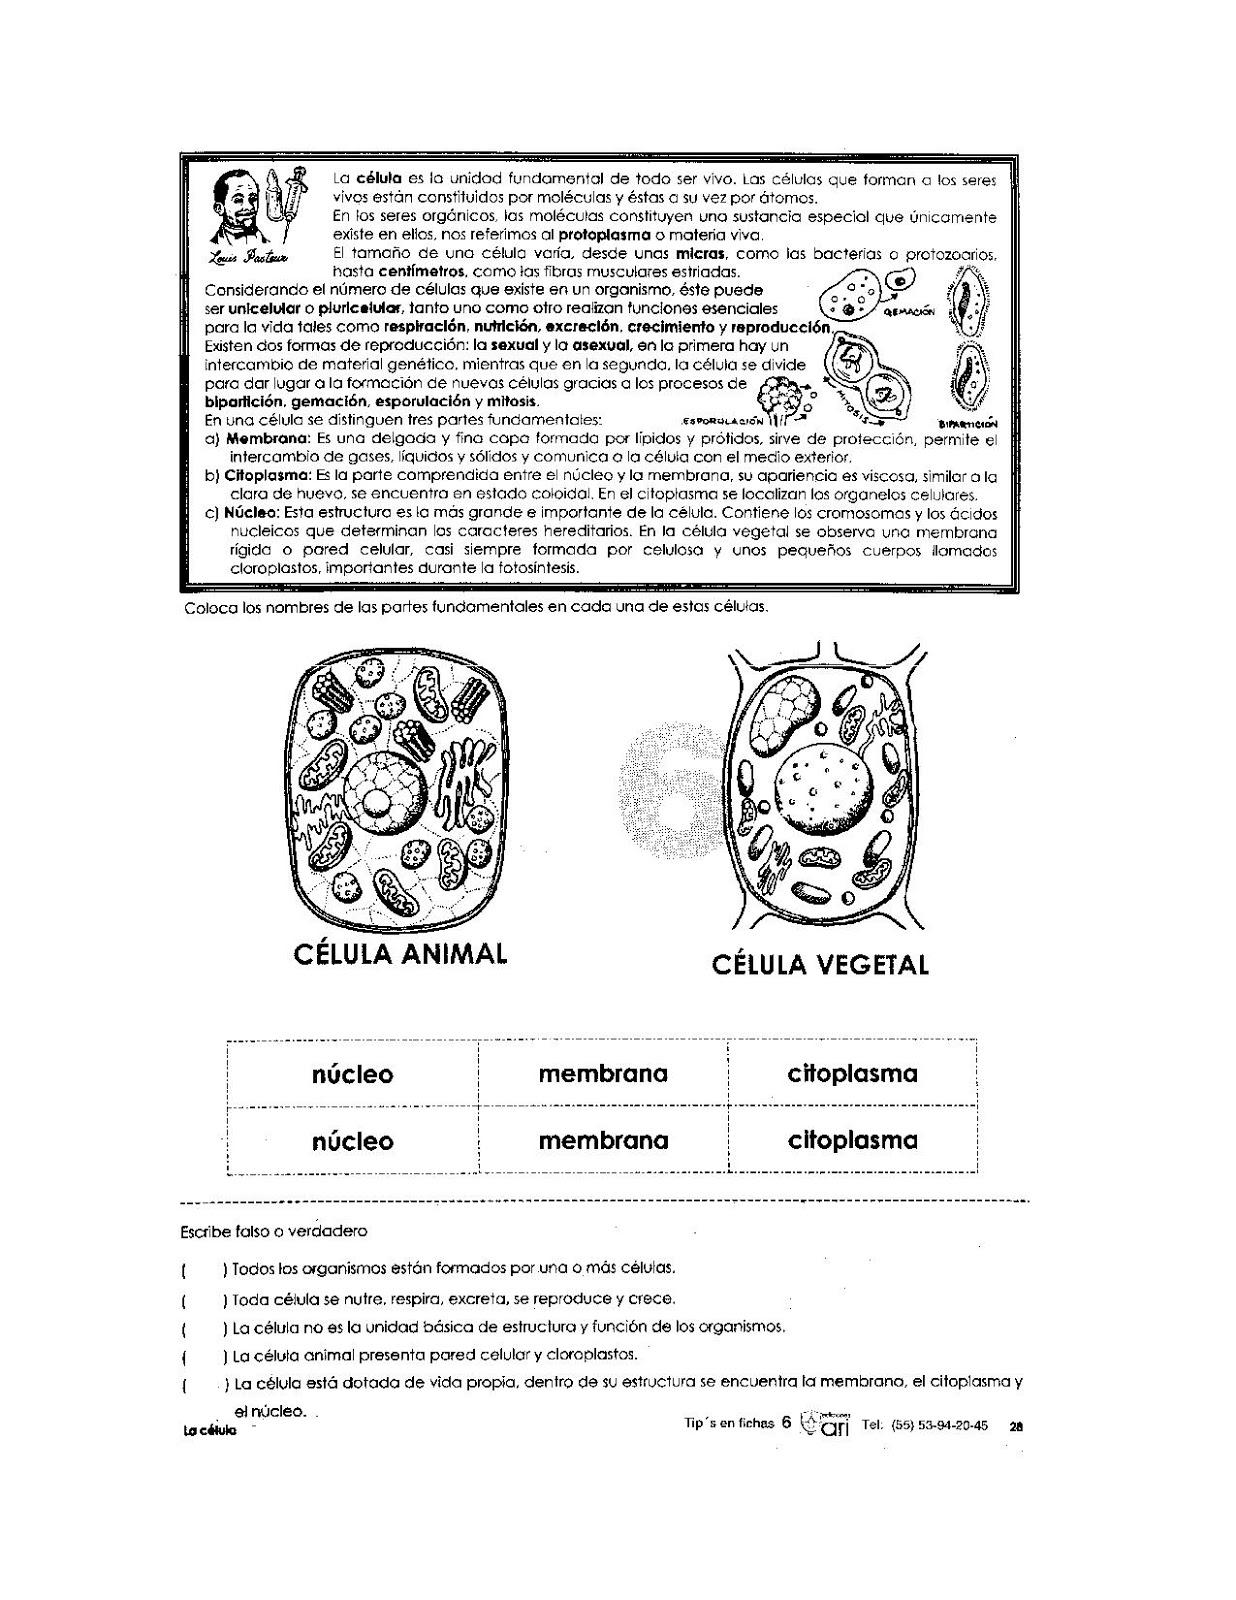 Partes de la célula para niños